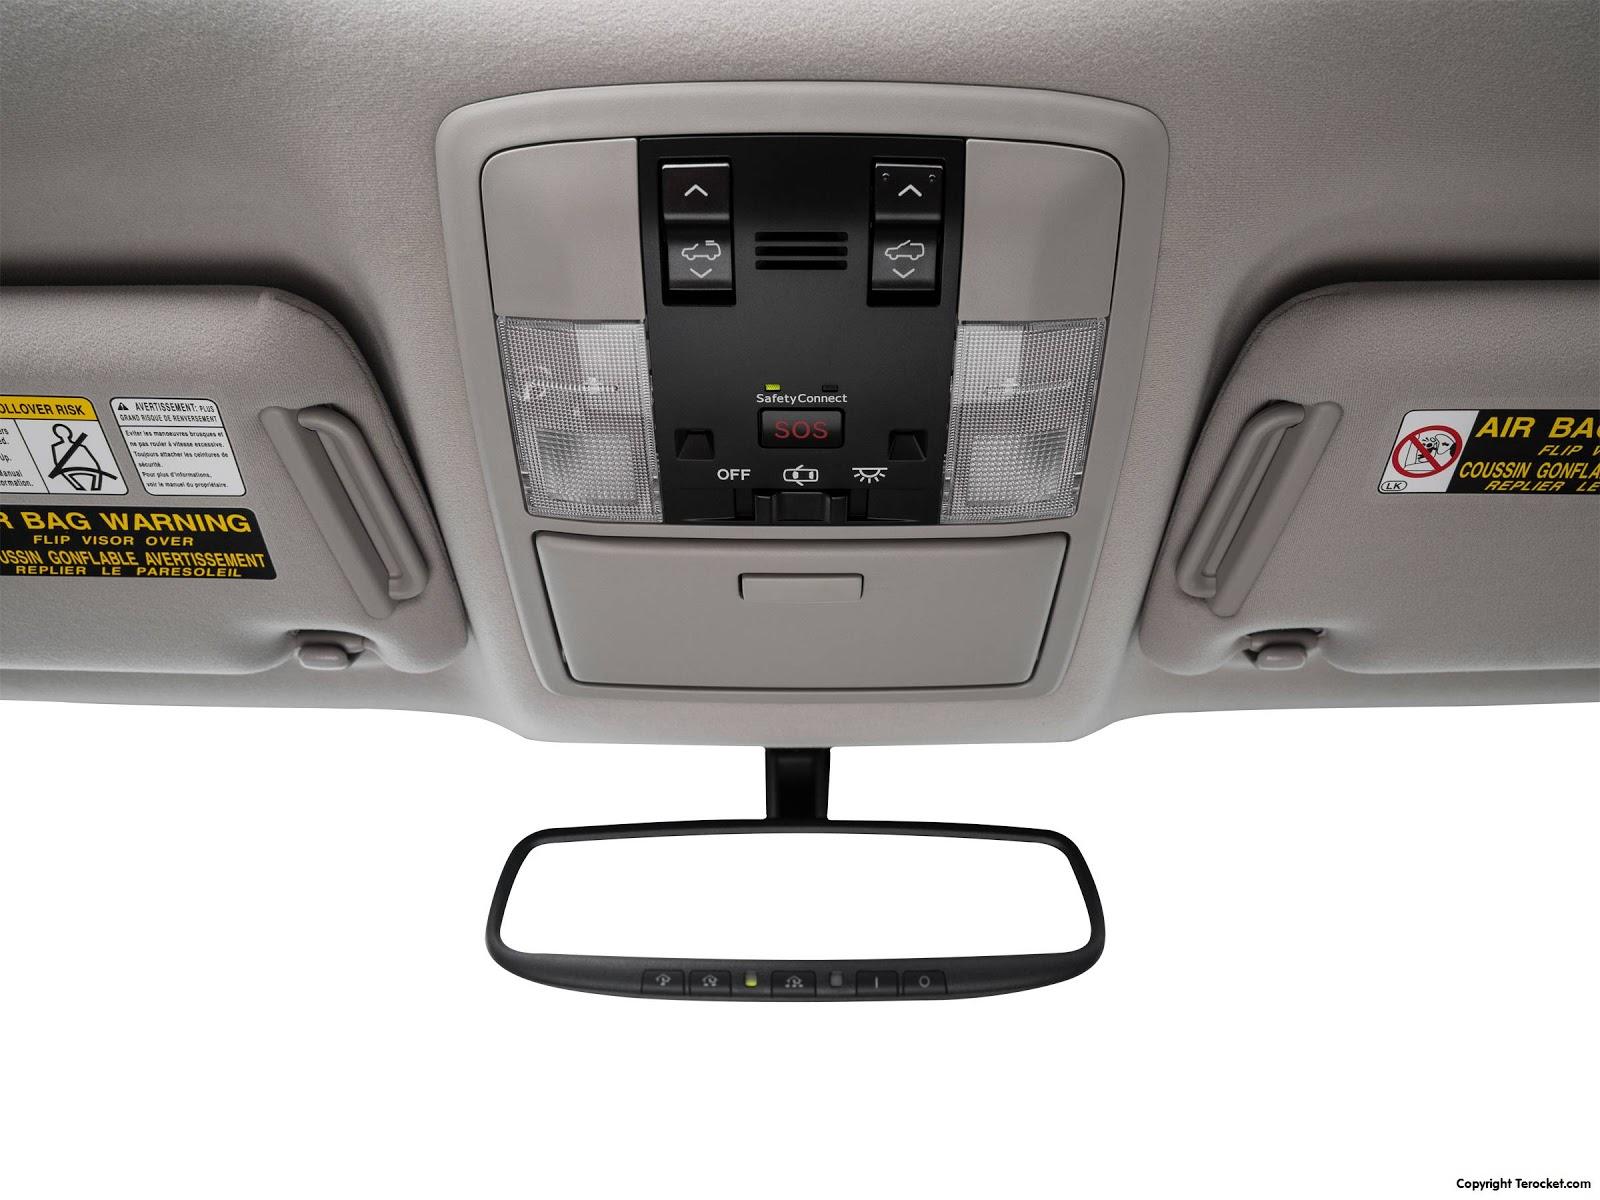 Kính hậu, có thể hiện thông thông tin, điểm mù nhờ camera xung quanh xe truyền lại